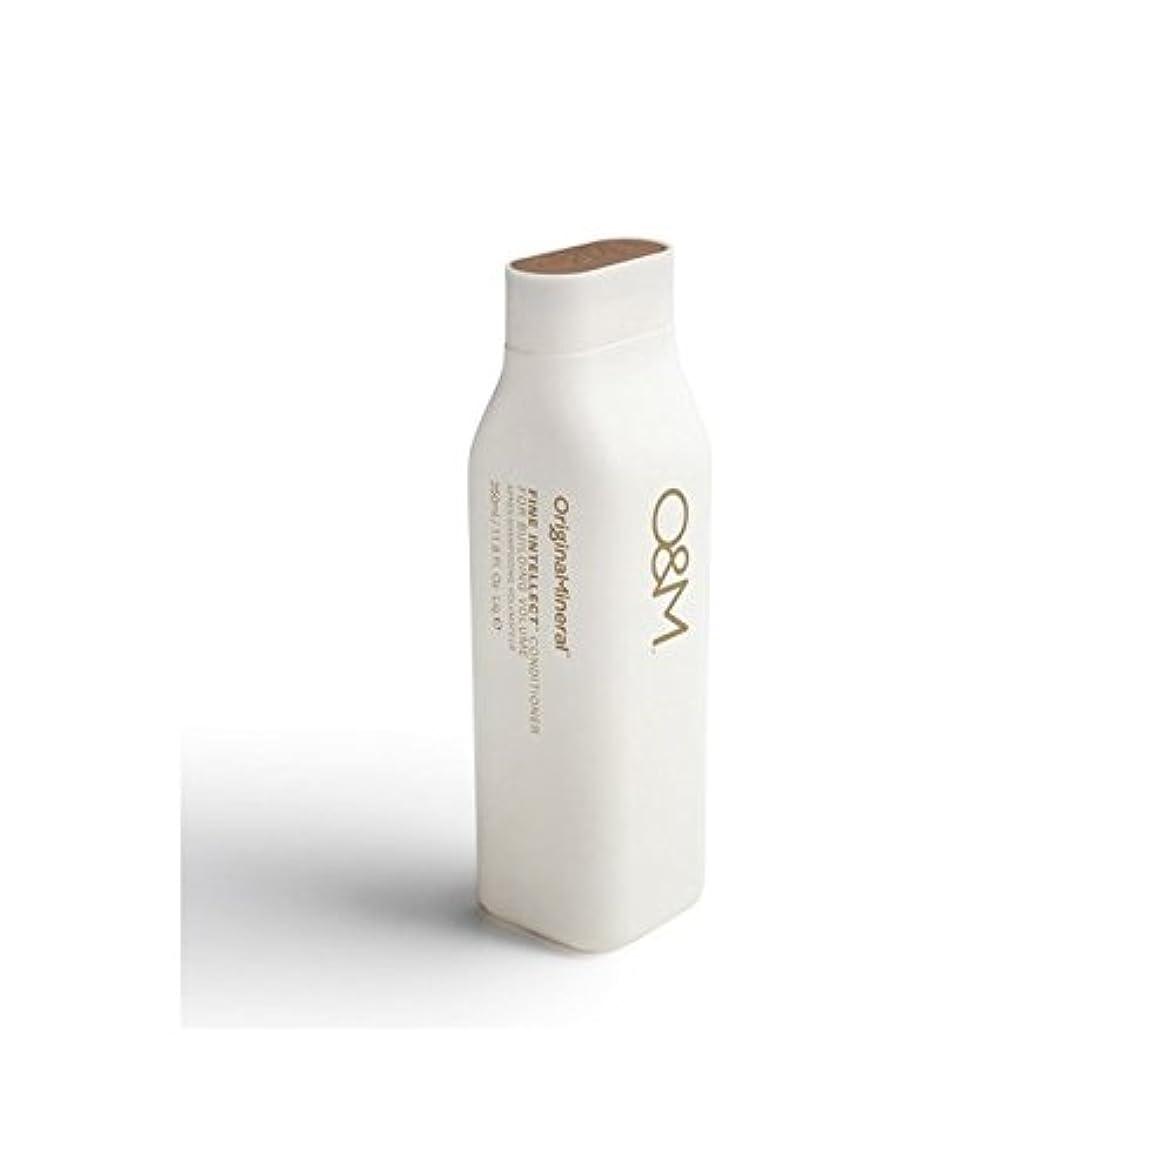 勝者休憩するガジュマルオリジナル&ミネラル細かい知性コンディショナー(350ミリリットル) x4 - Original & Mineral Fine Intellect Conditioner (350ml) (Pack of 4) [並行輸入品]